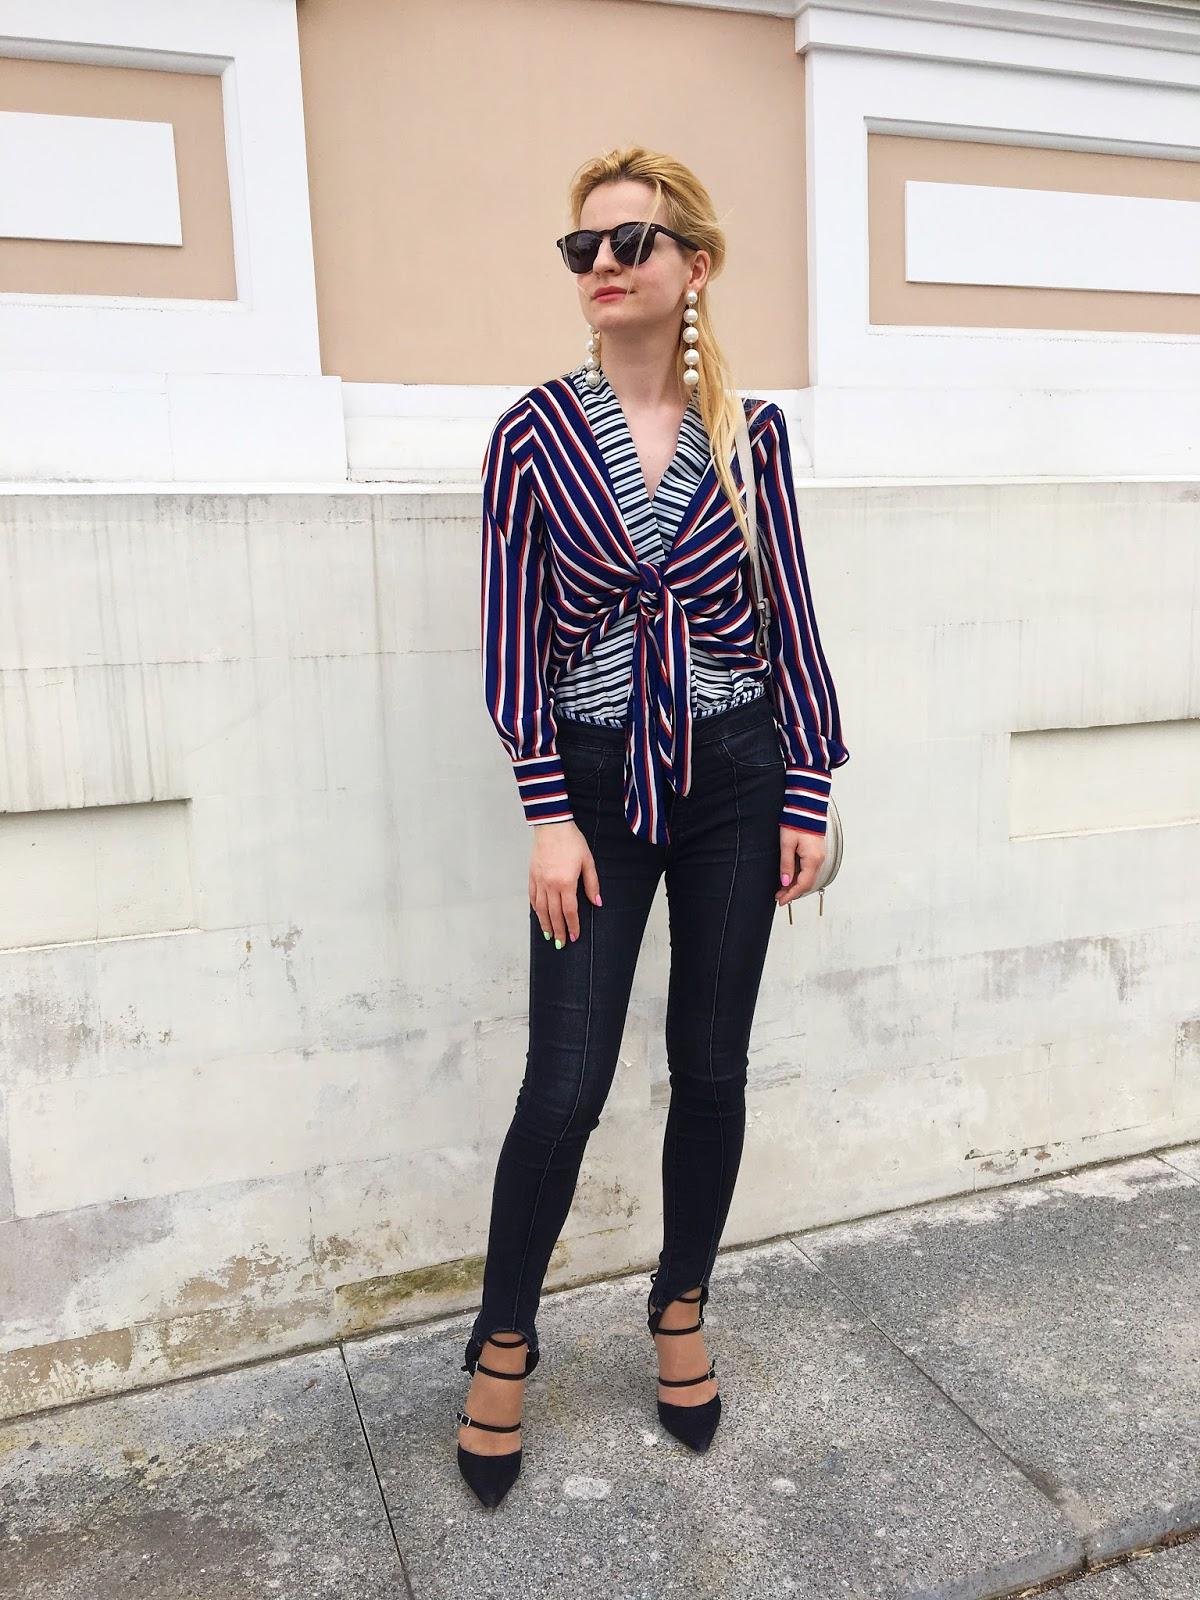 фото модные тенденции, модные джинсы, джинсы штрипки, модный блоггер